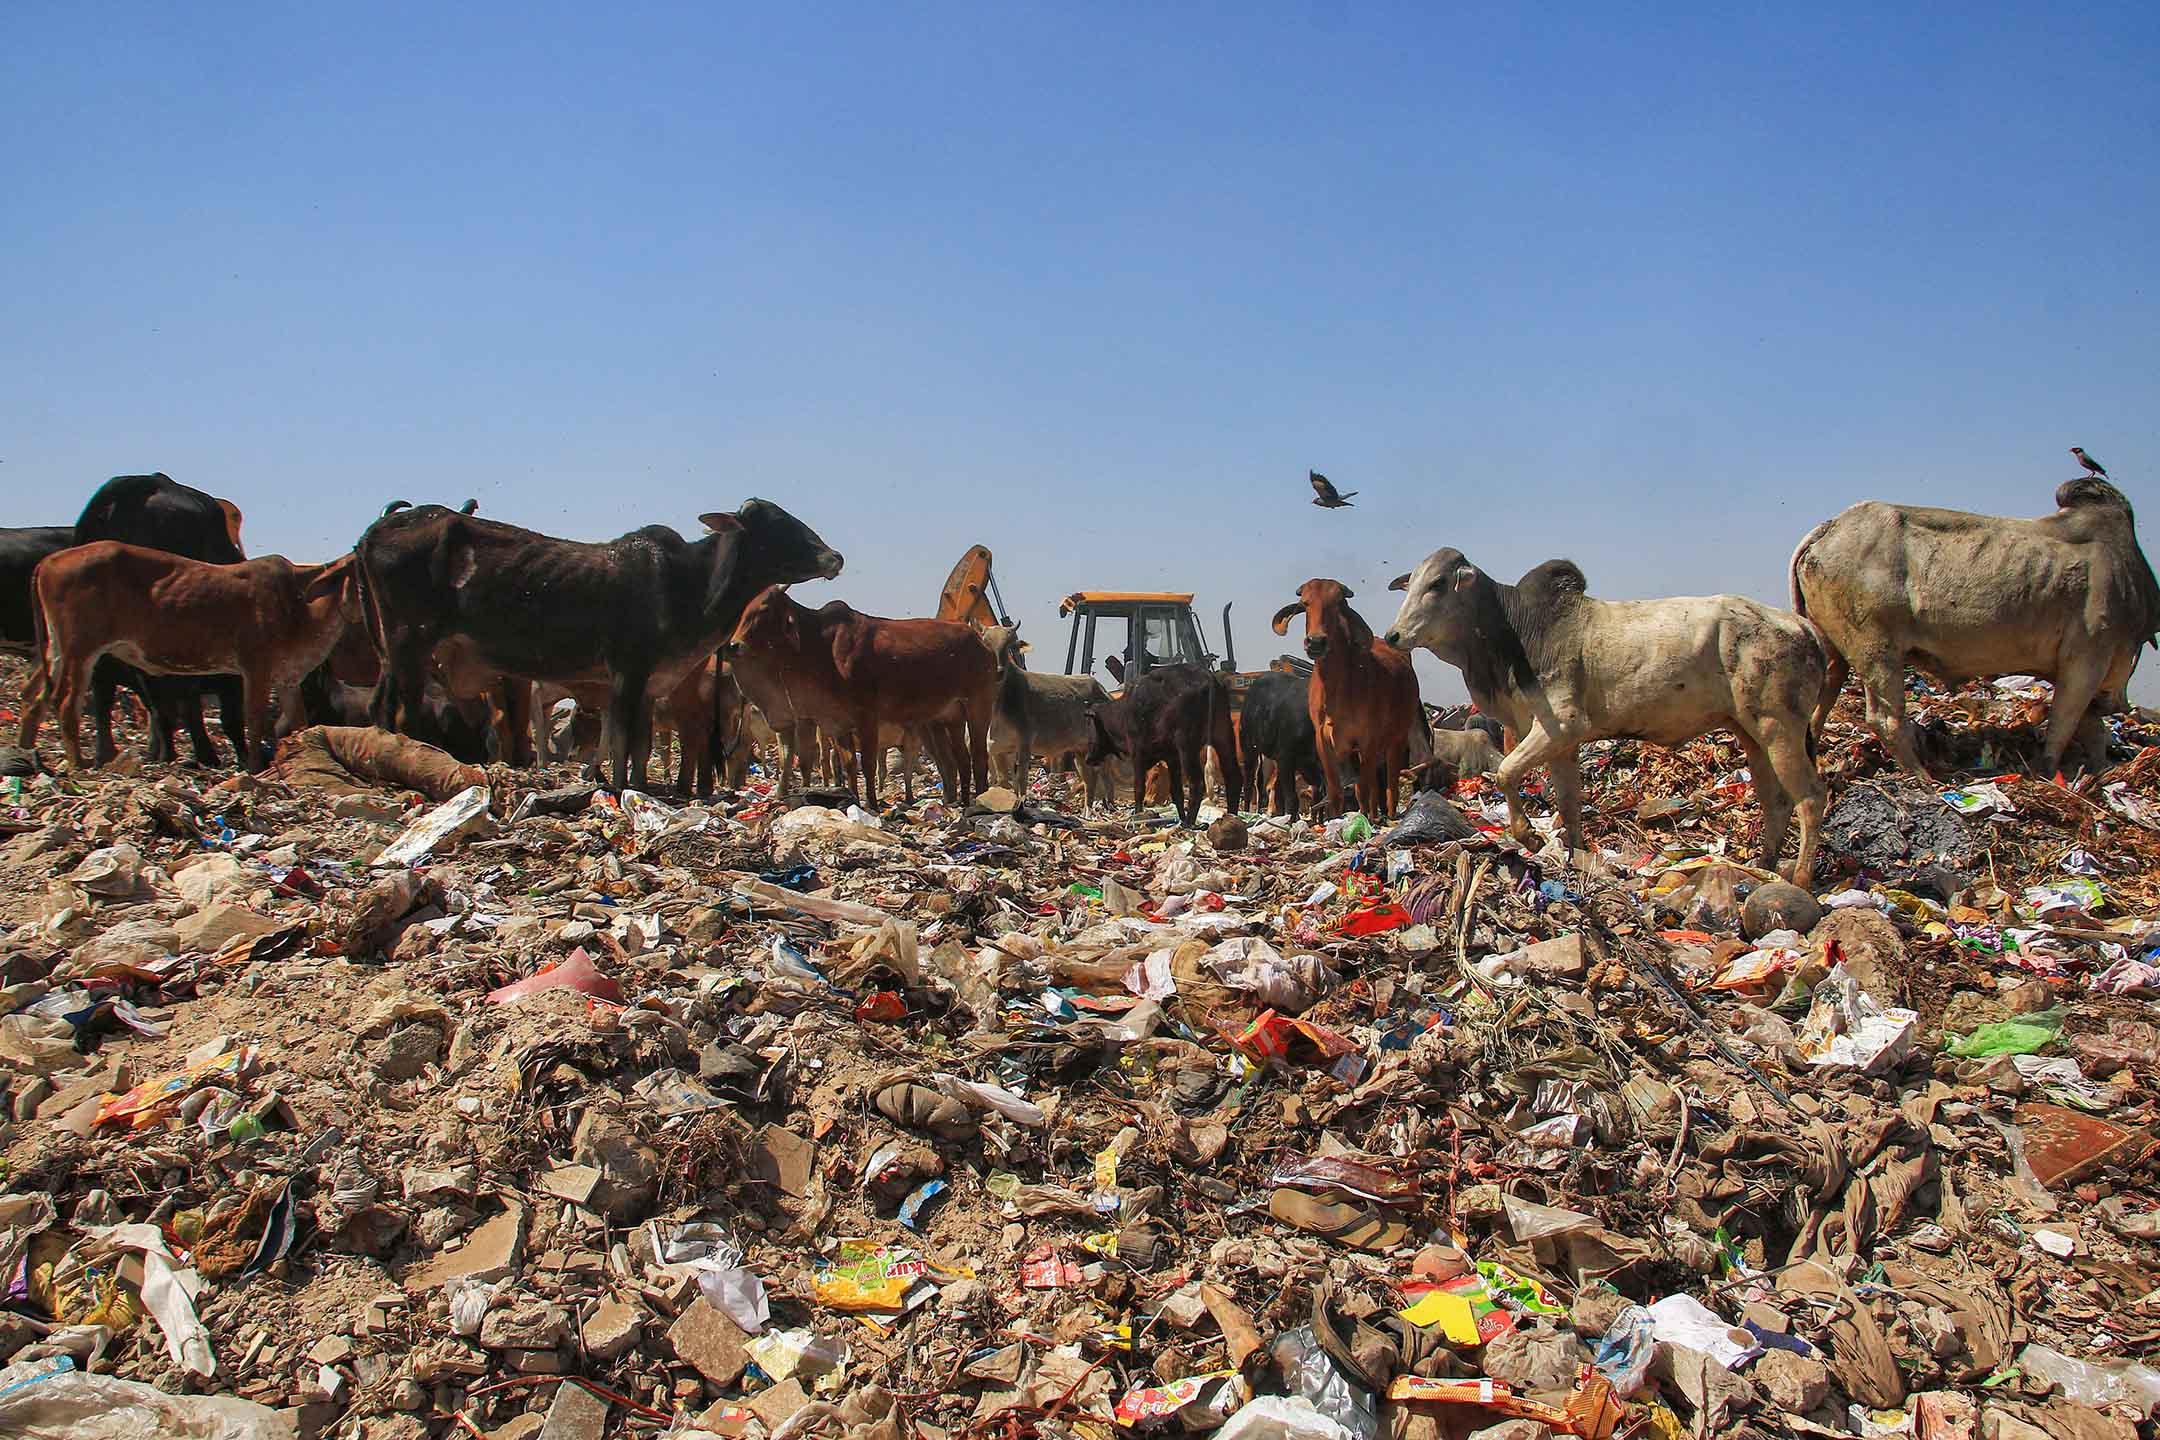 2021年4月7日印度齋浦爾的垃圾場,牛在一堆垃圾中尋找食物。